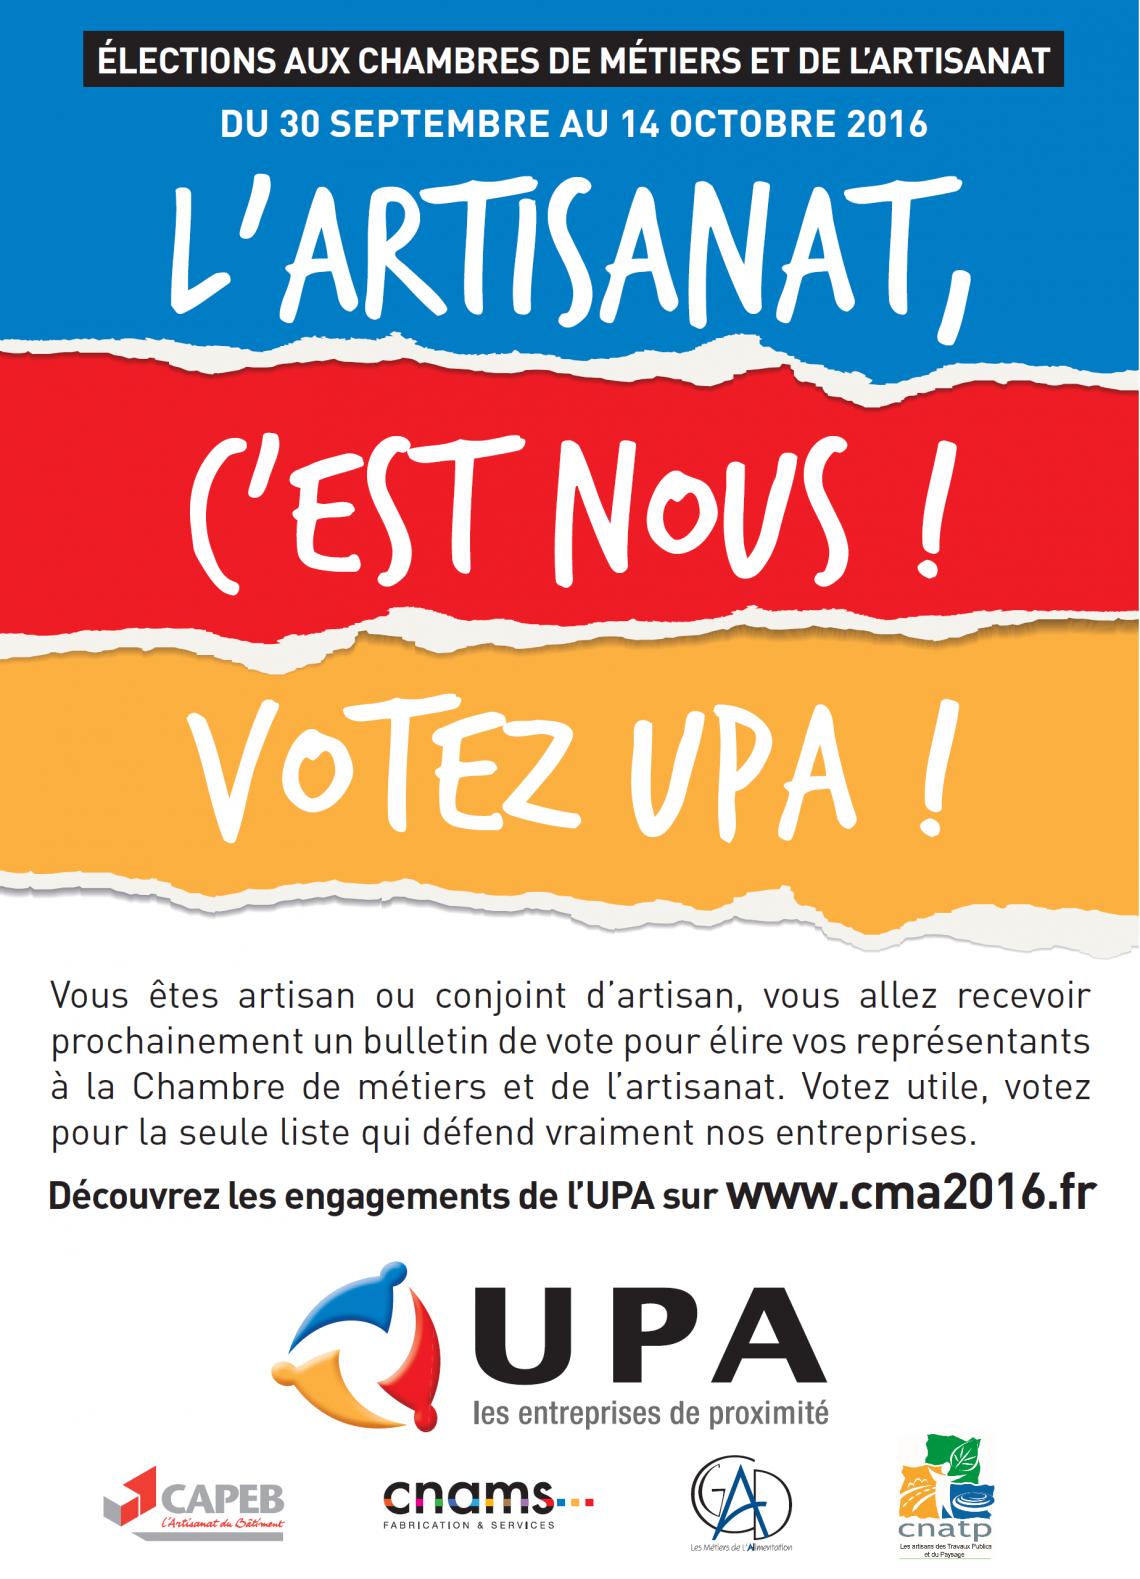 CAPEB ・ L'Artisanat de proximité, c'est nous, votez UPA.